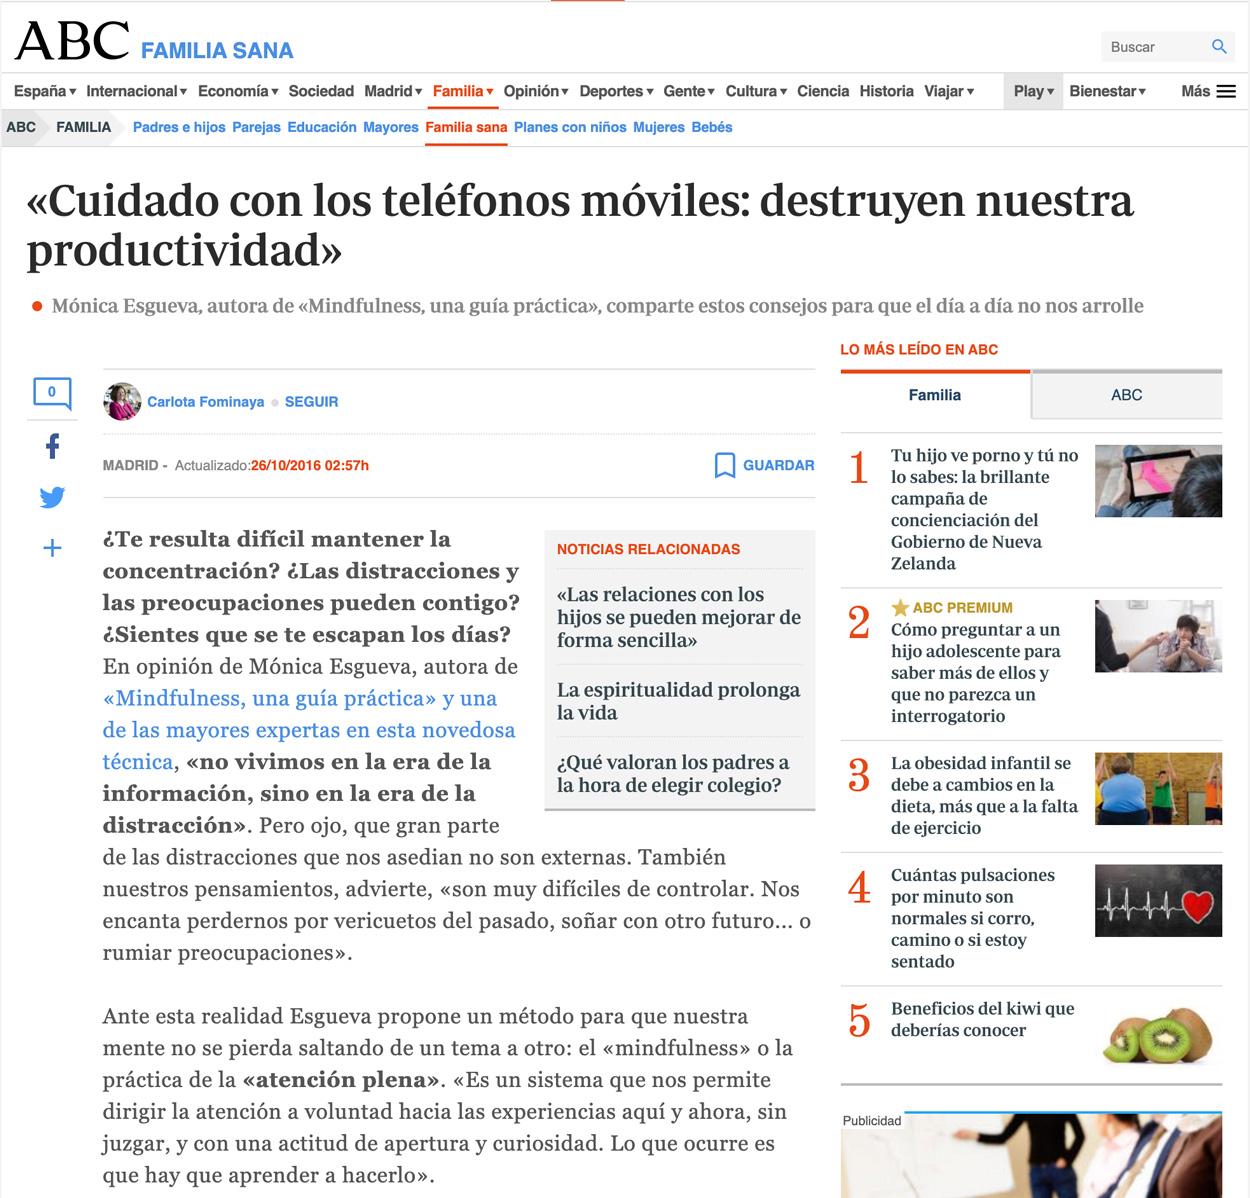 Mónica Esgueva en ABC.es